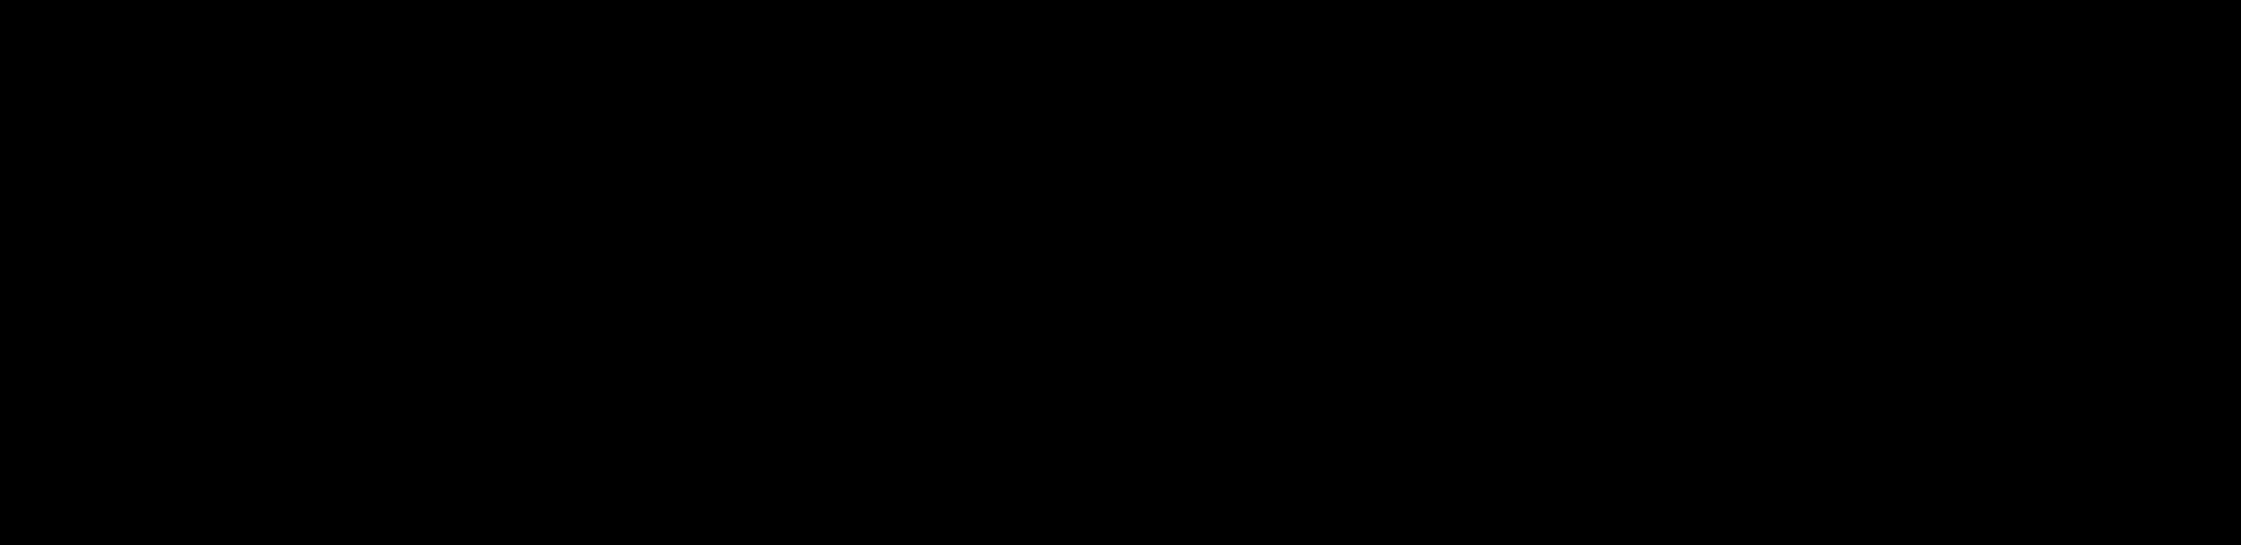 Mexx-Automobile